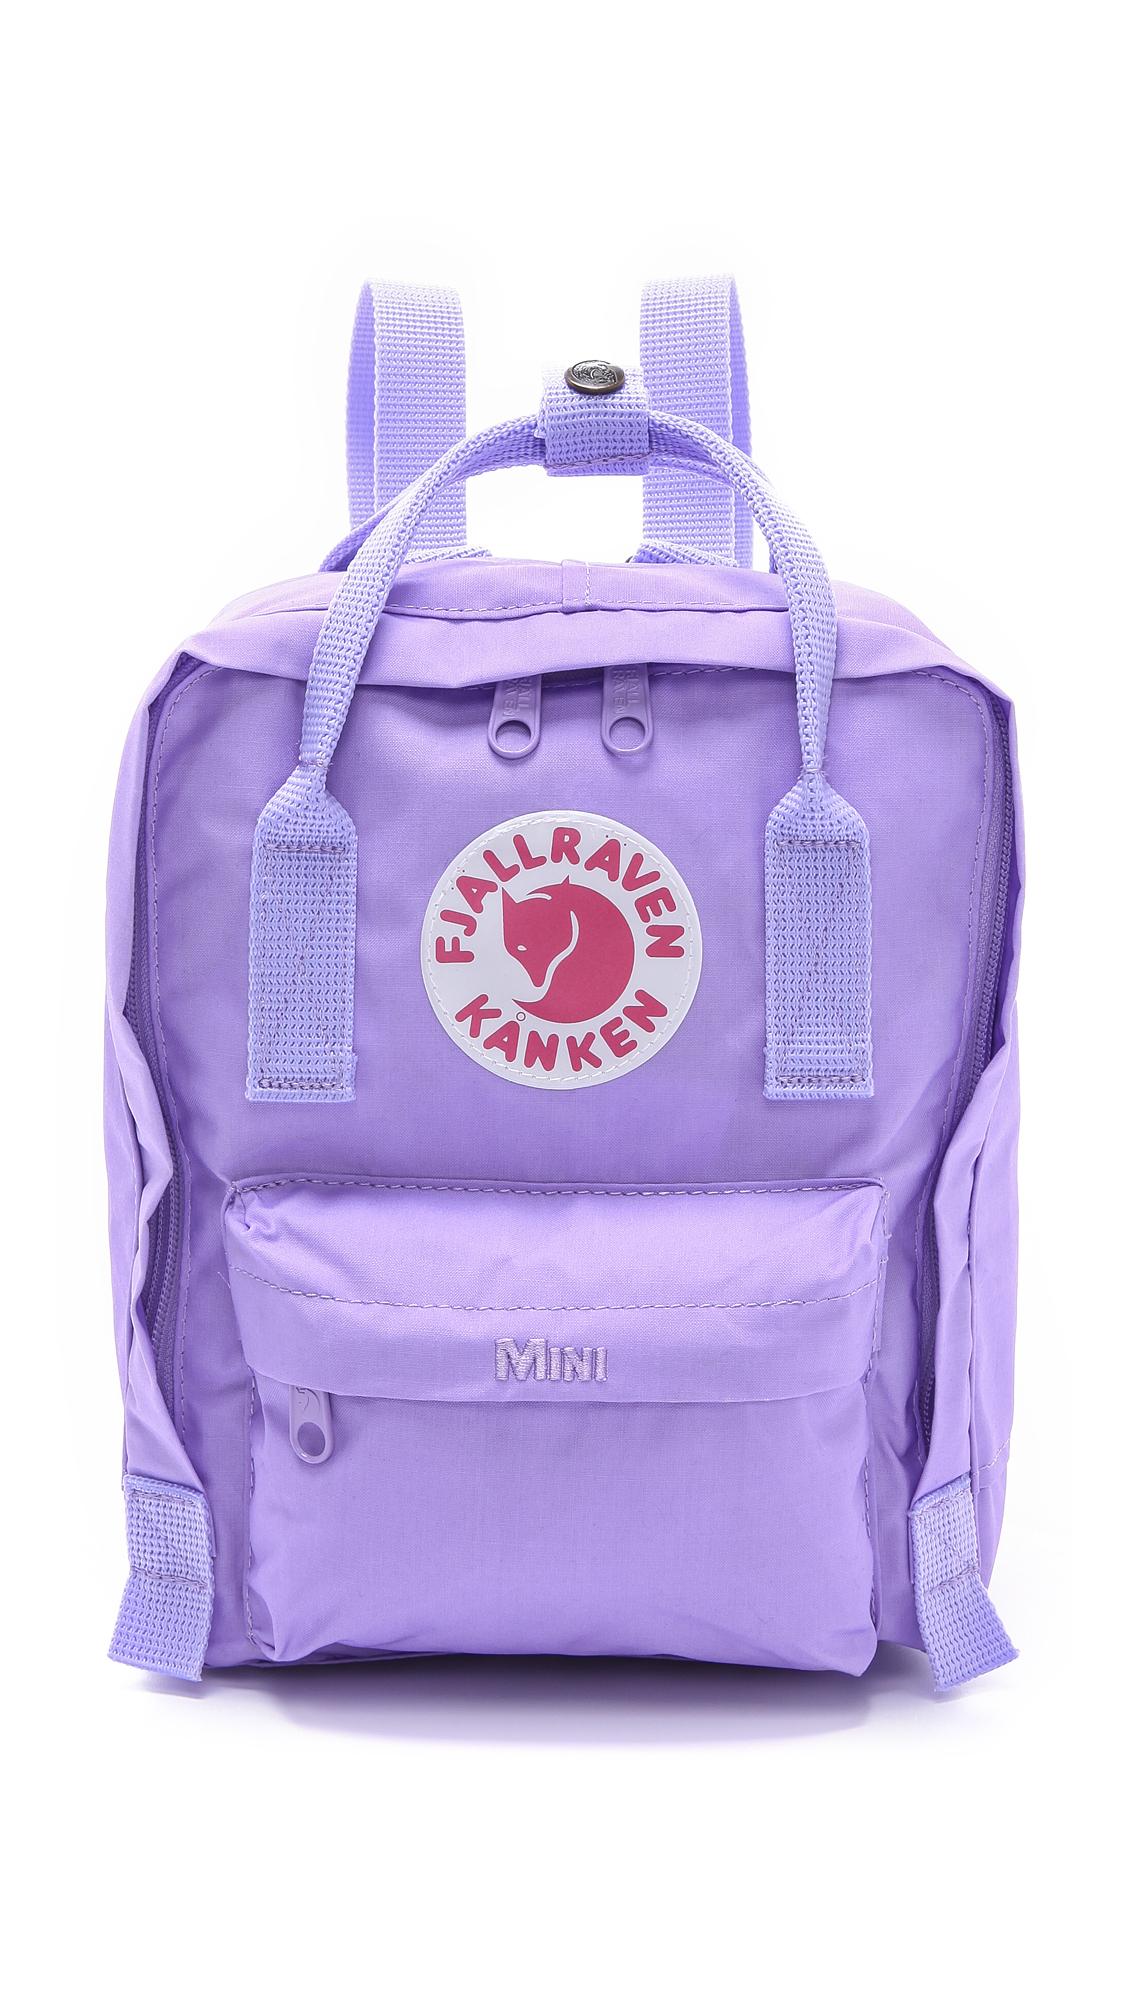 fjallraven kanken mini backpack peach pink in purple. Black Bedroom Furniture Sets. Home Design Ideas